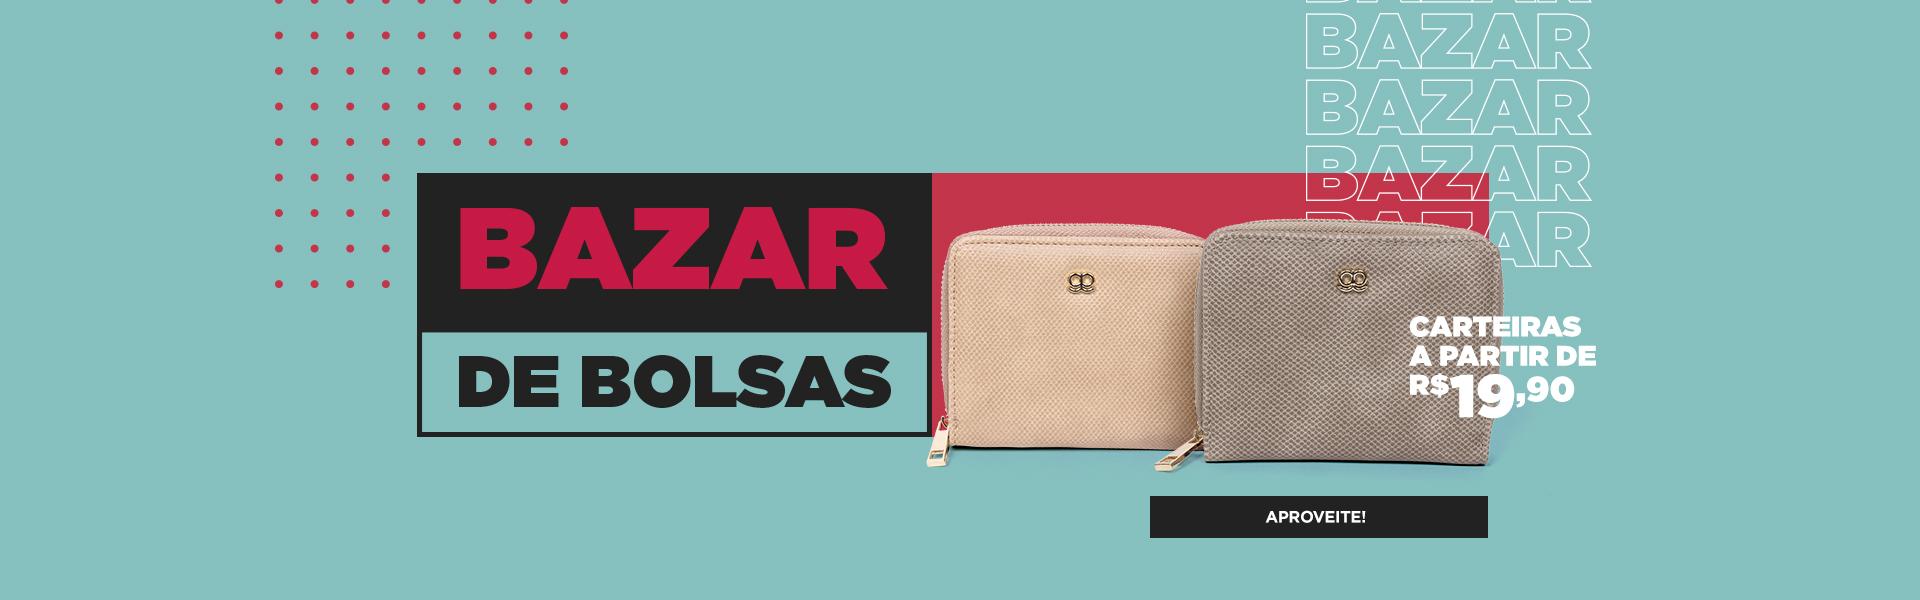 bazar de bolsas - carteiras